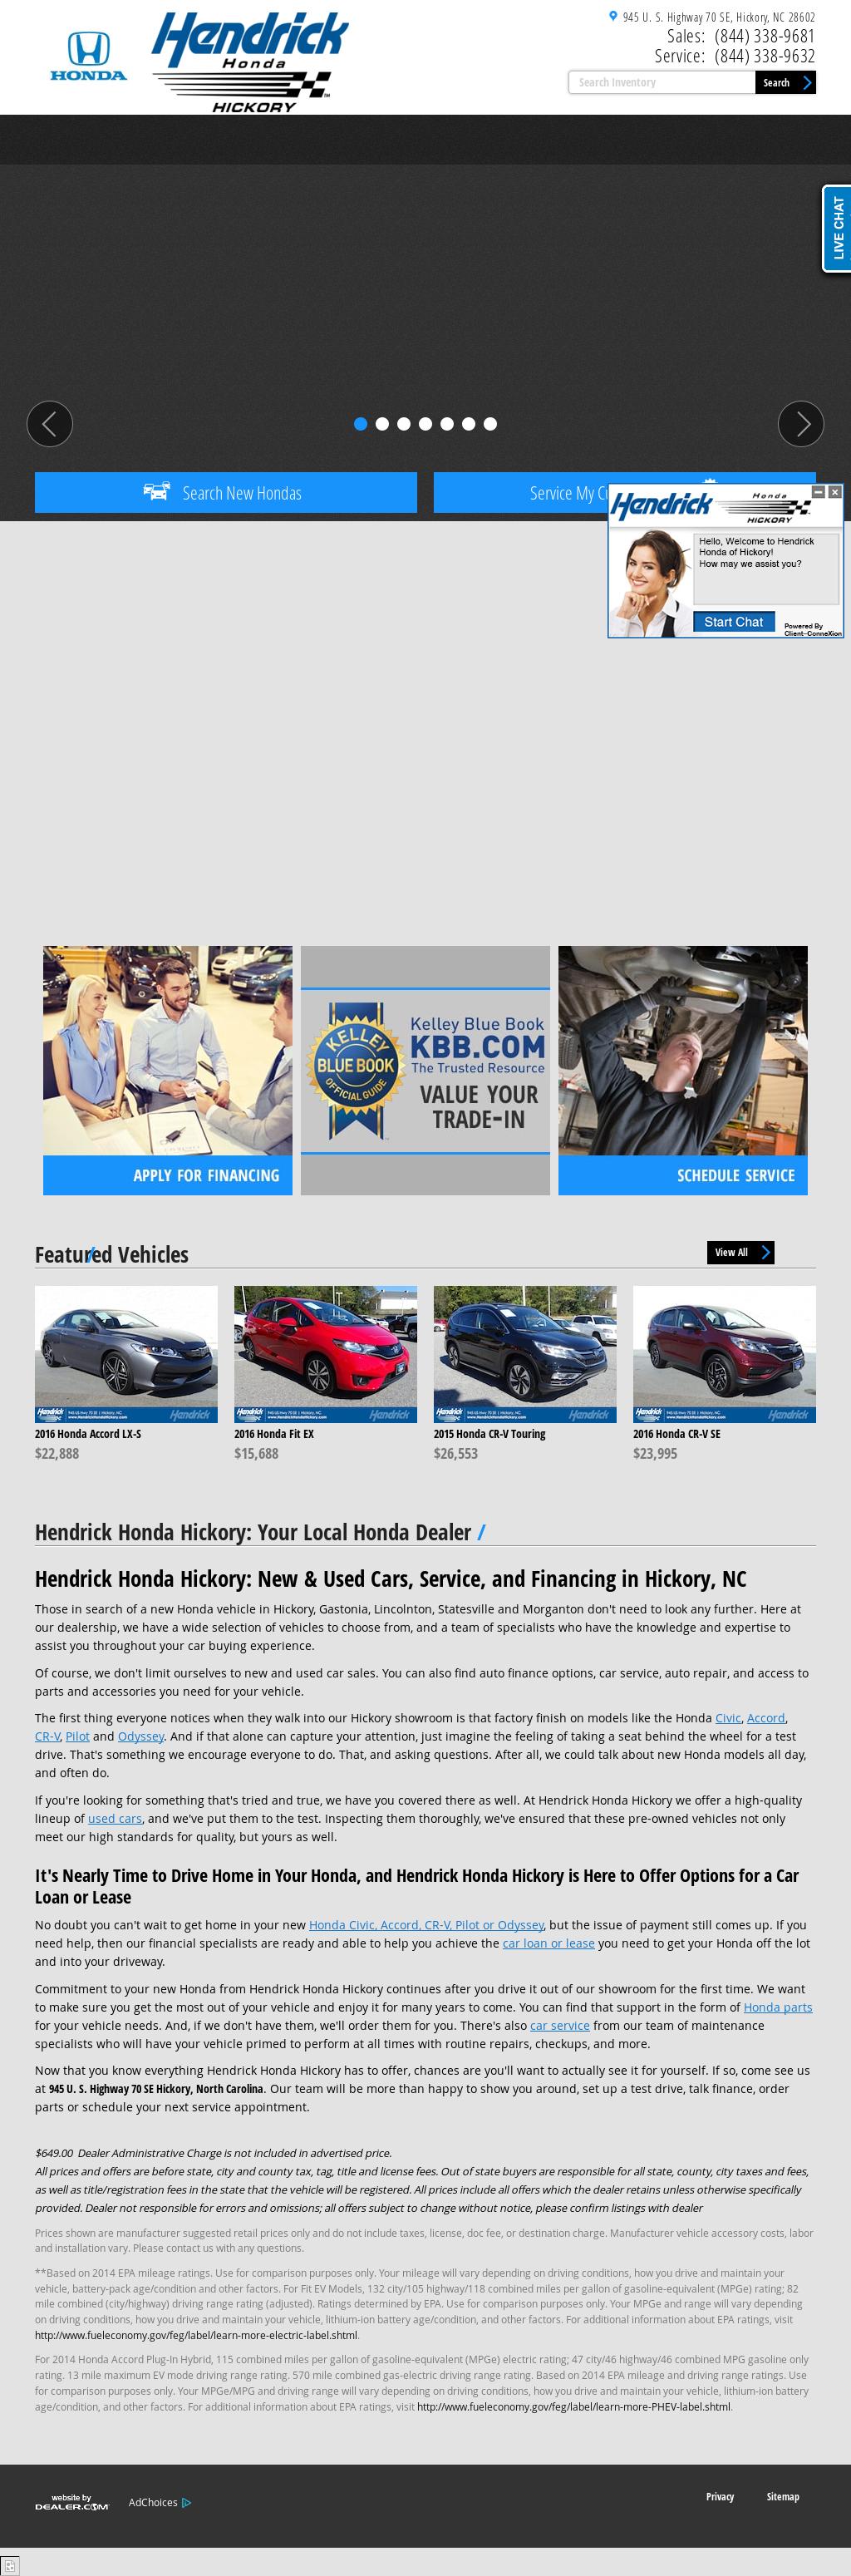 Hendrick Honda Hickory Website History